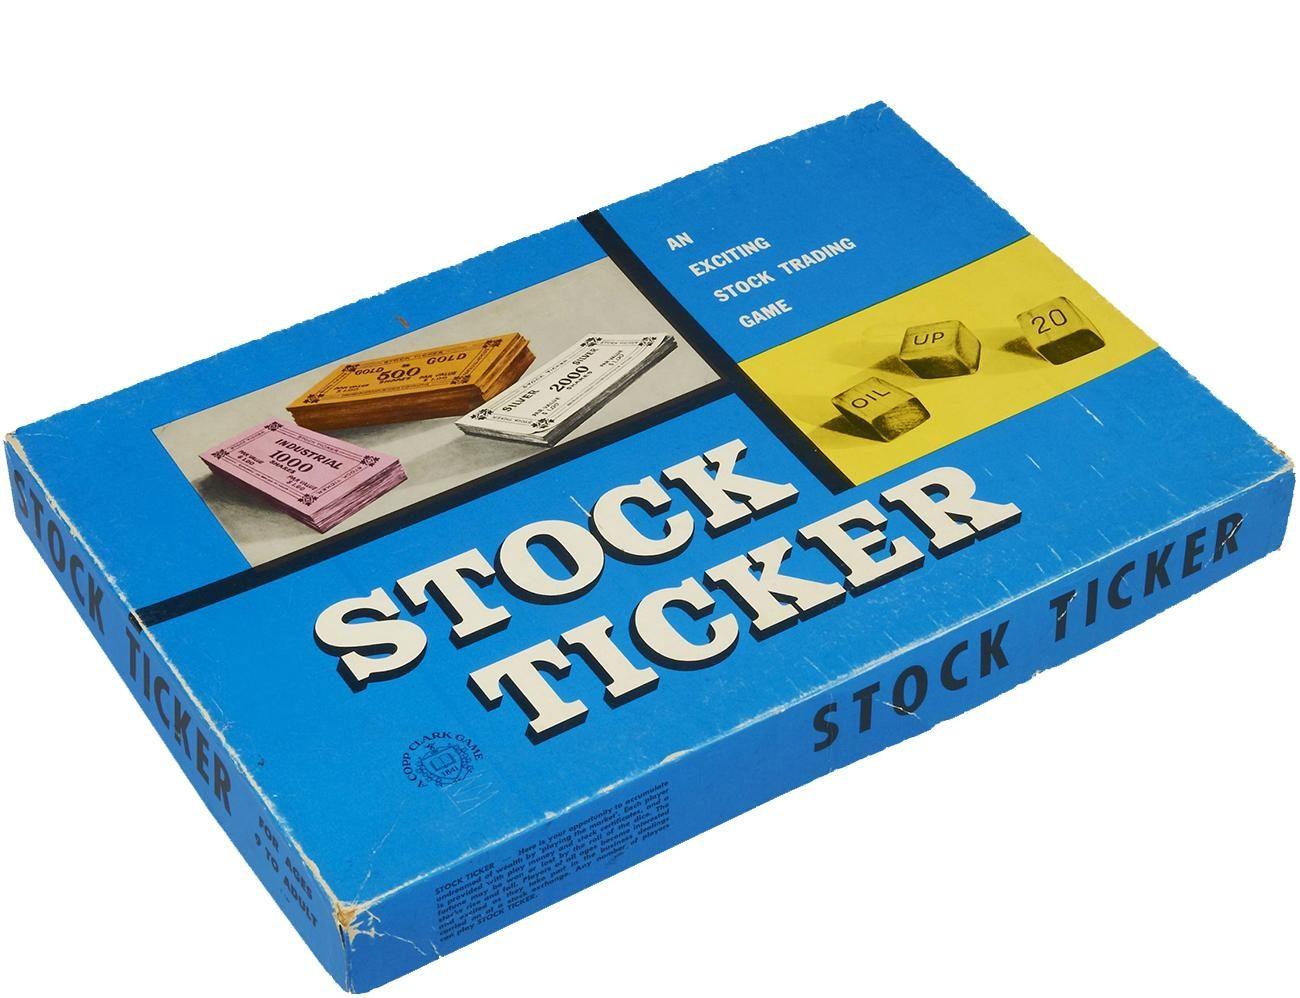 Boîte de jeu de société bleue illustrée d'images de billets de banque et de cartes.